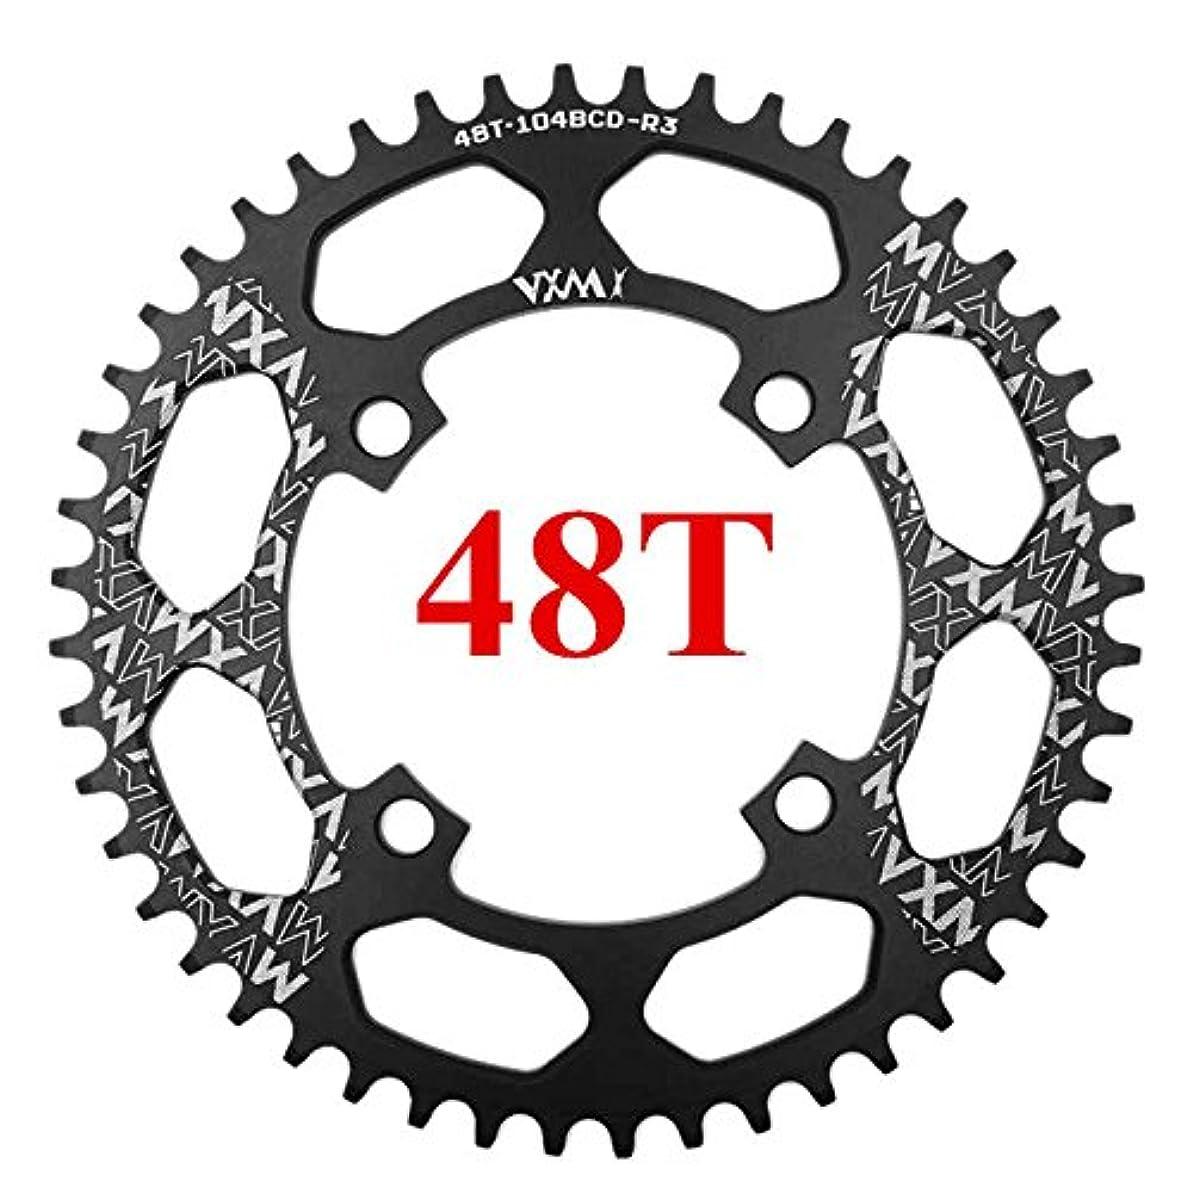 振り子こだわり可動Propenary - 自転車104BCDクランクオーバルラウンド30T 32T 34T 36T 38T 40T 42T 44T 46T 48T 50T 52TチェーンホイールXT狭い広い自転車チェーンリング[ラウンド48Tブラック]